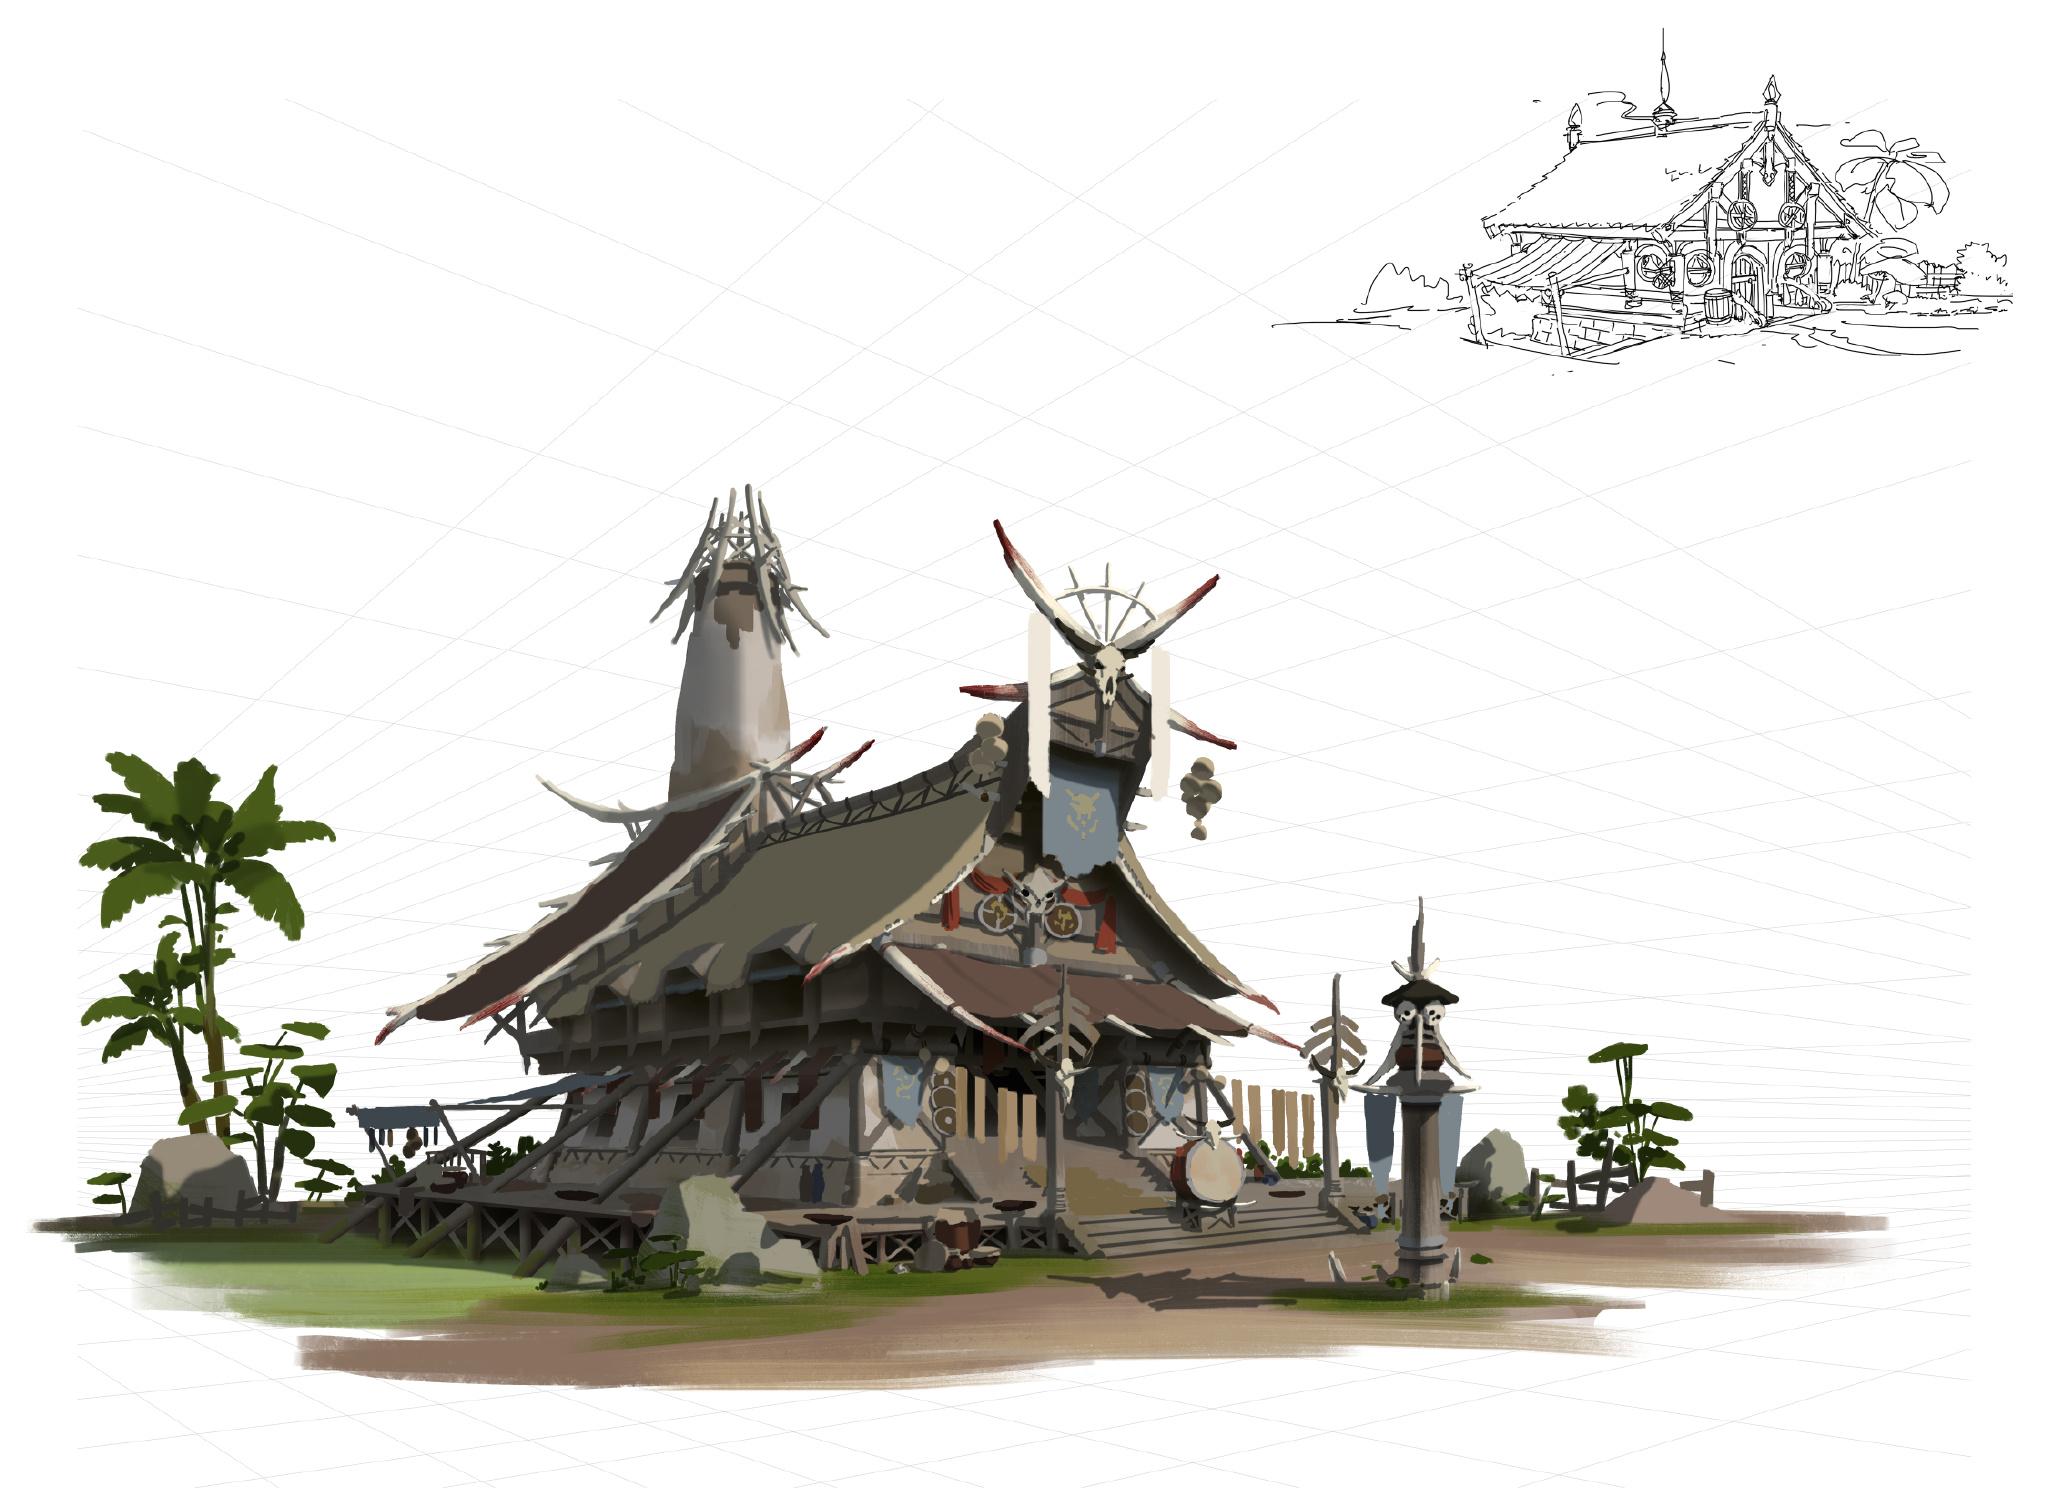 游戏原画场景设计 部落建筑详细过程图6